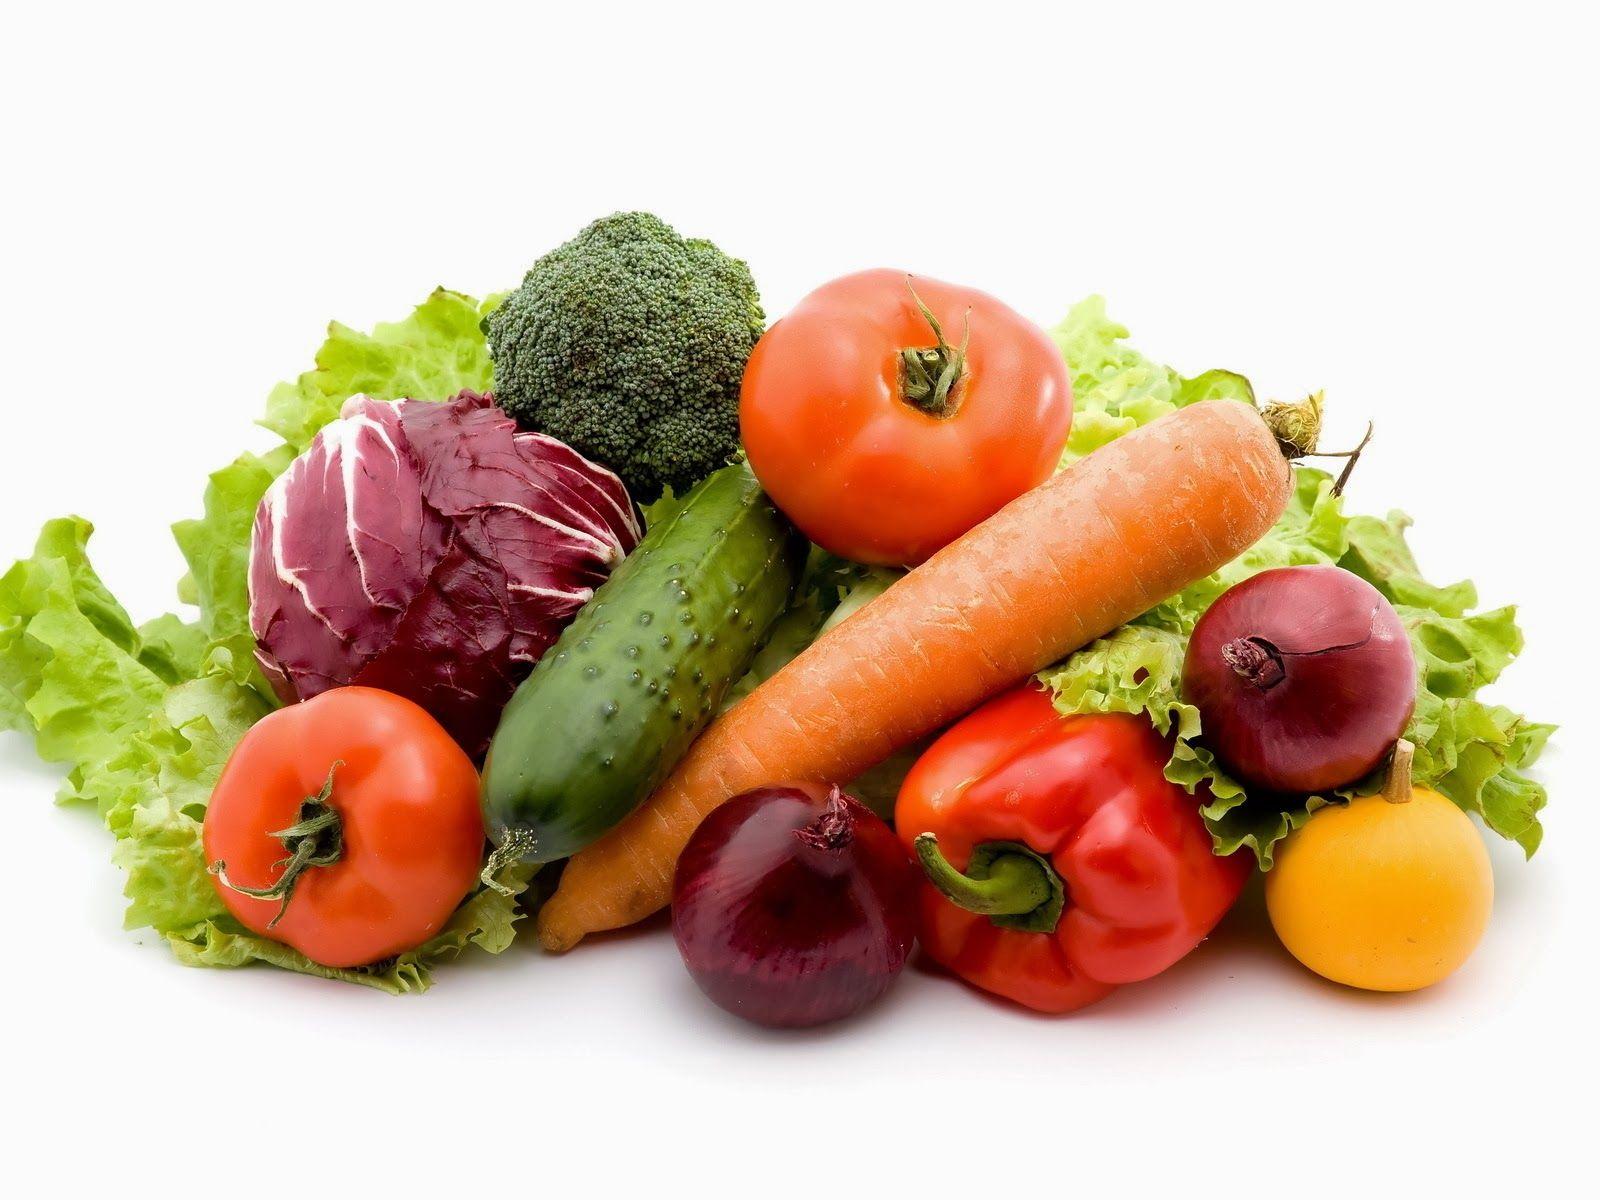 El consumo de determinados vegetales sería fundamental a la hora de analizar la cantidad de años que viven las personas. Sepa qué comer para disminuir las chances de muerte.